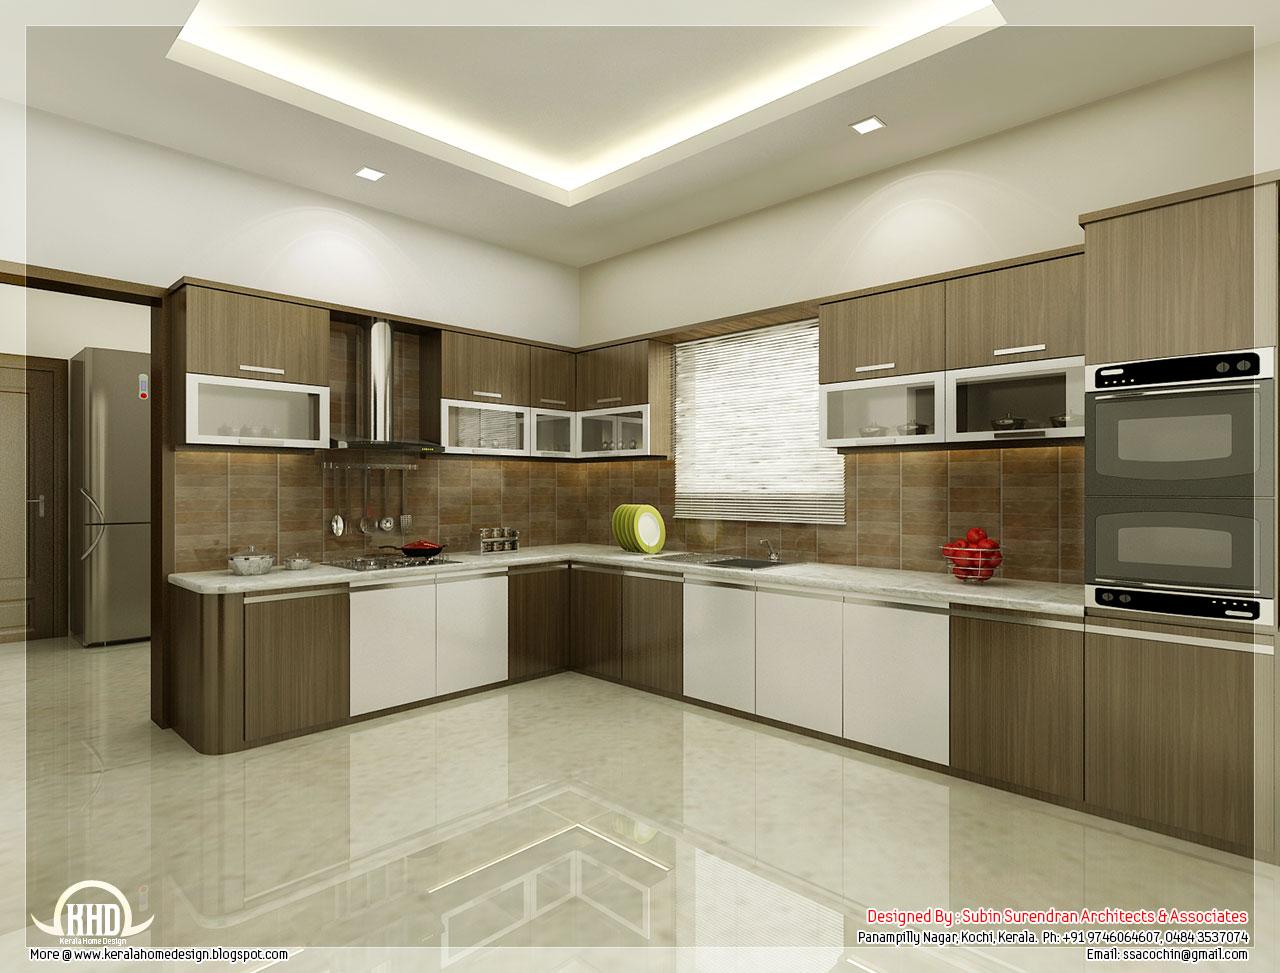 Best Kitchen Gallery: Indian Kitchen Interior Design Photos Home Design Ideas Essentials of Kitchen Interior Design Ideas Photos  on rachelxblog.com